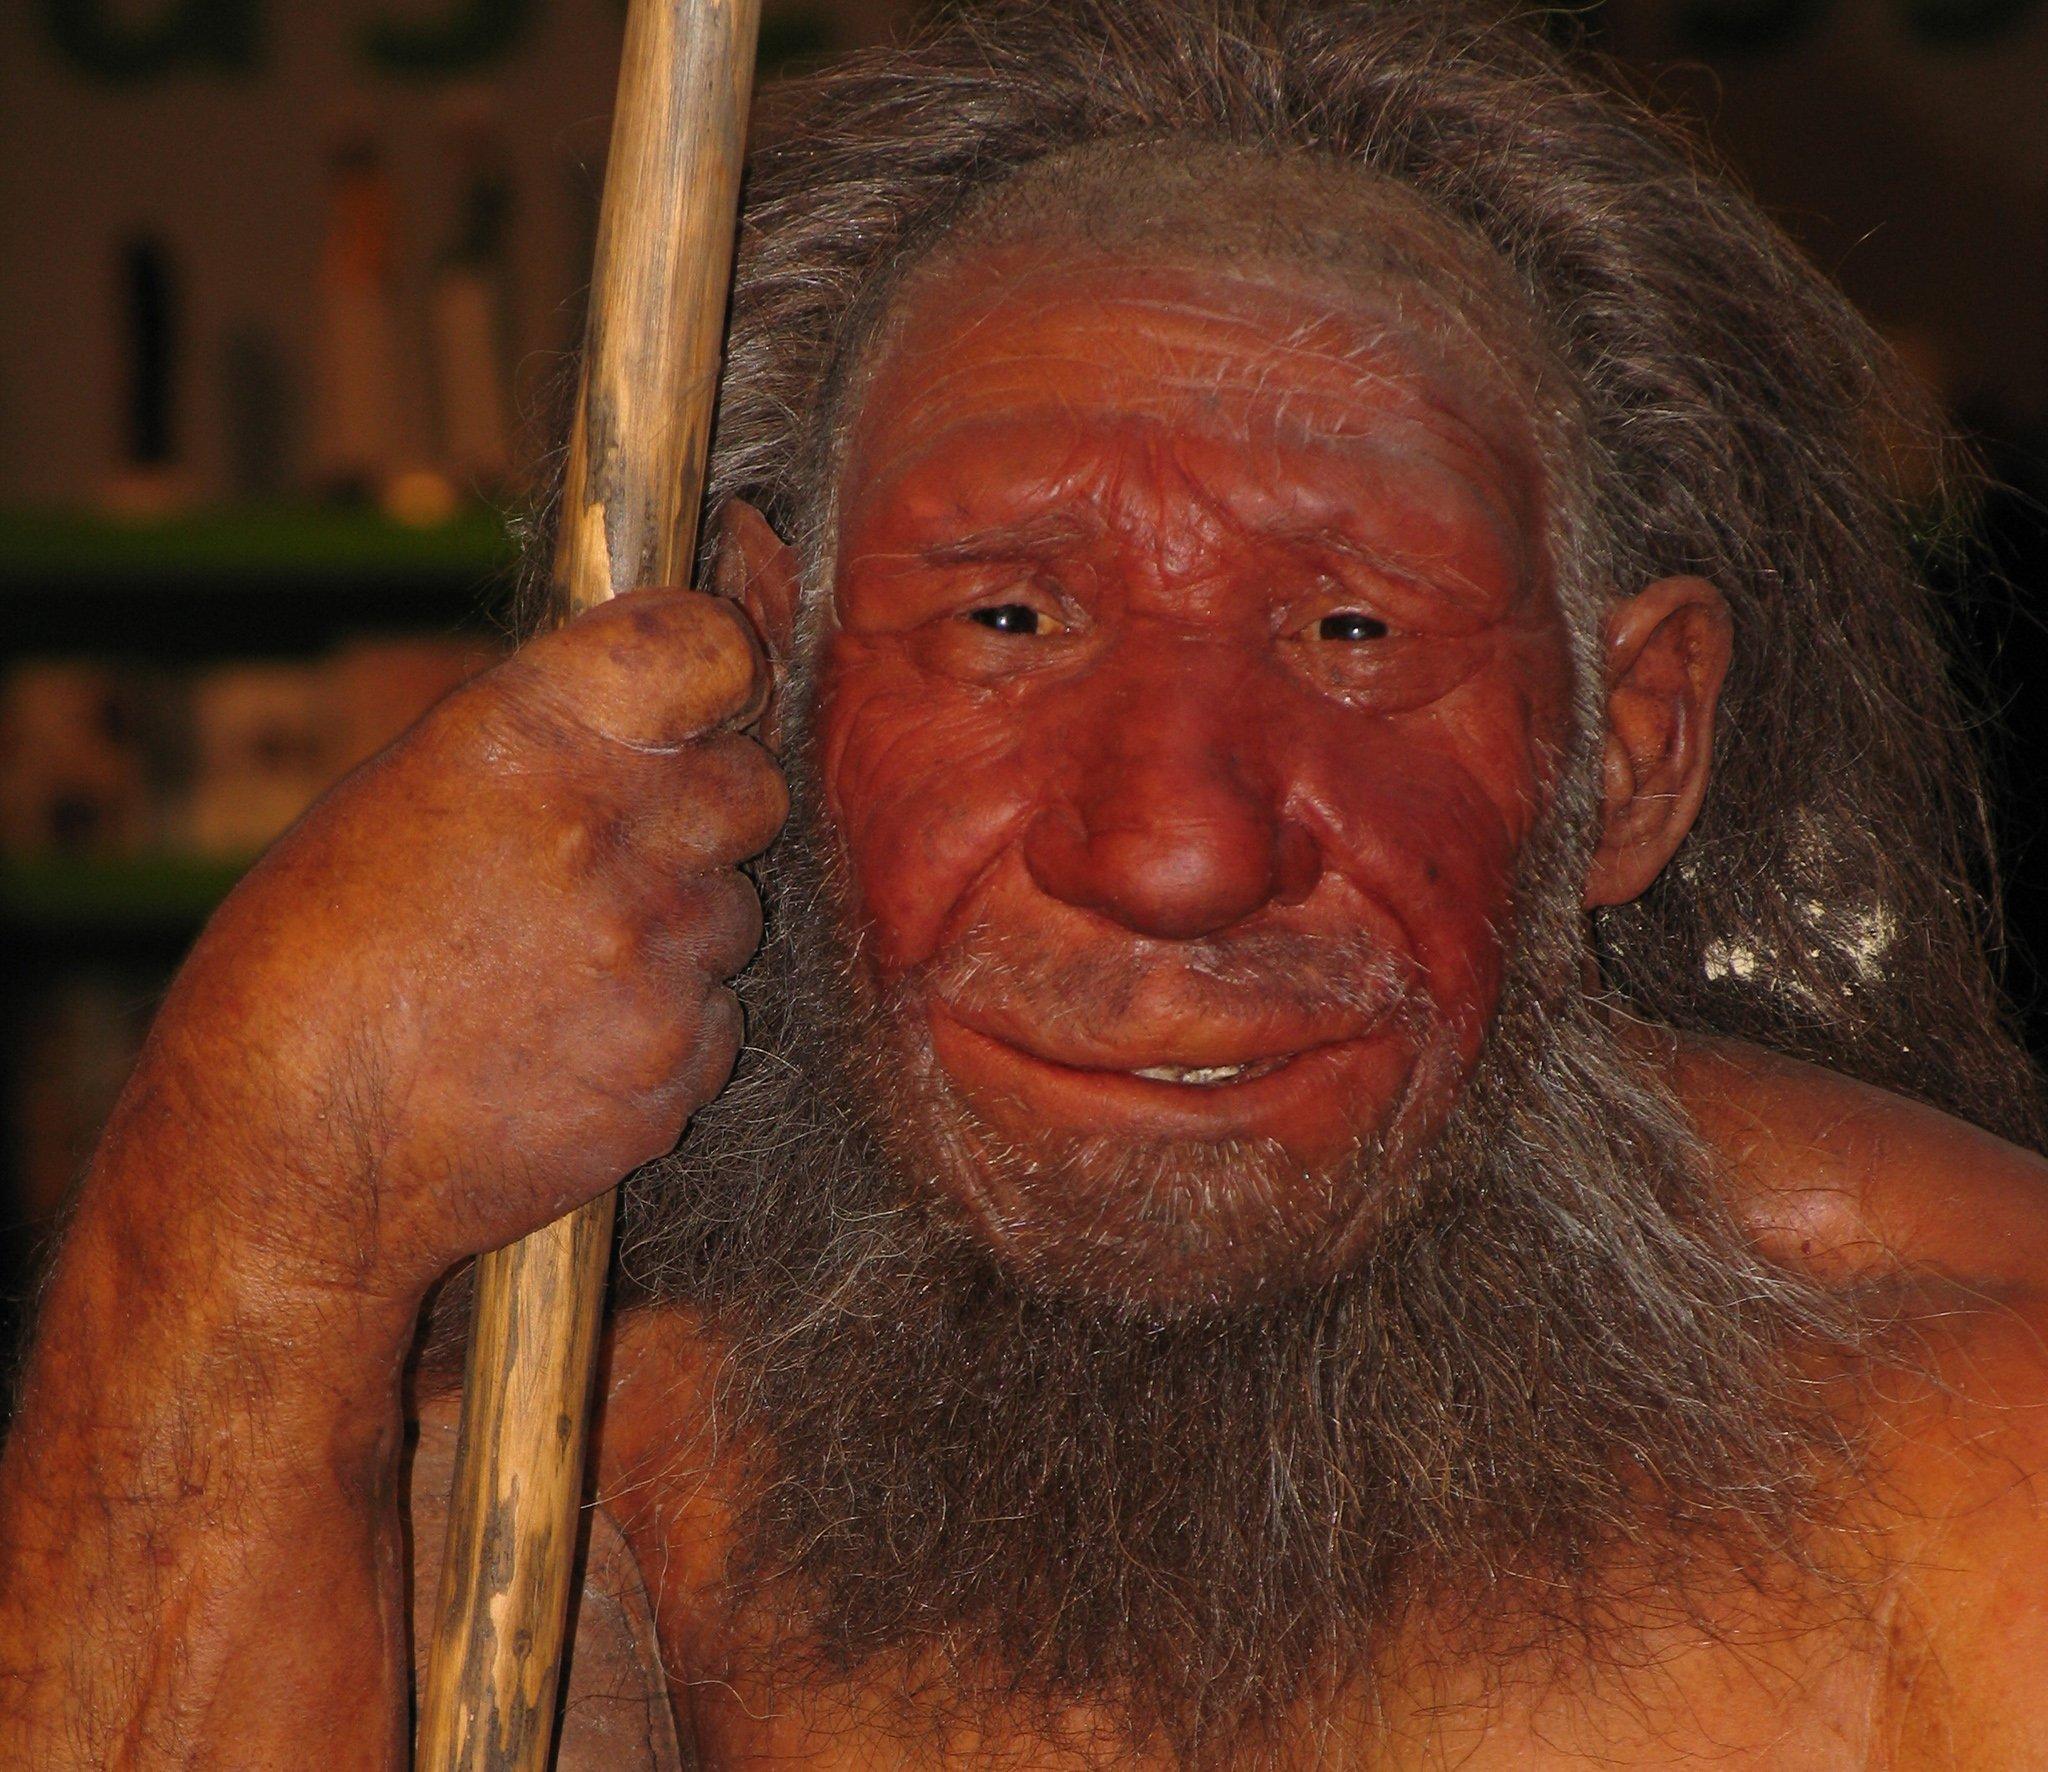 Das Foto zeigt einen muskelbepackten Mann mit gewaltiger Nase und breitem Mund, der sich auf seinen Wurfspeer stützt – es ist die Rekonstruktion eines Neandertalers am Neanderthal Museum in Mettmann. Forscher entdeckten jetzt Genbruchstücke von Neandertalern bei heutigen Menschen in Afrika.